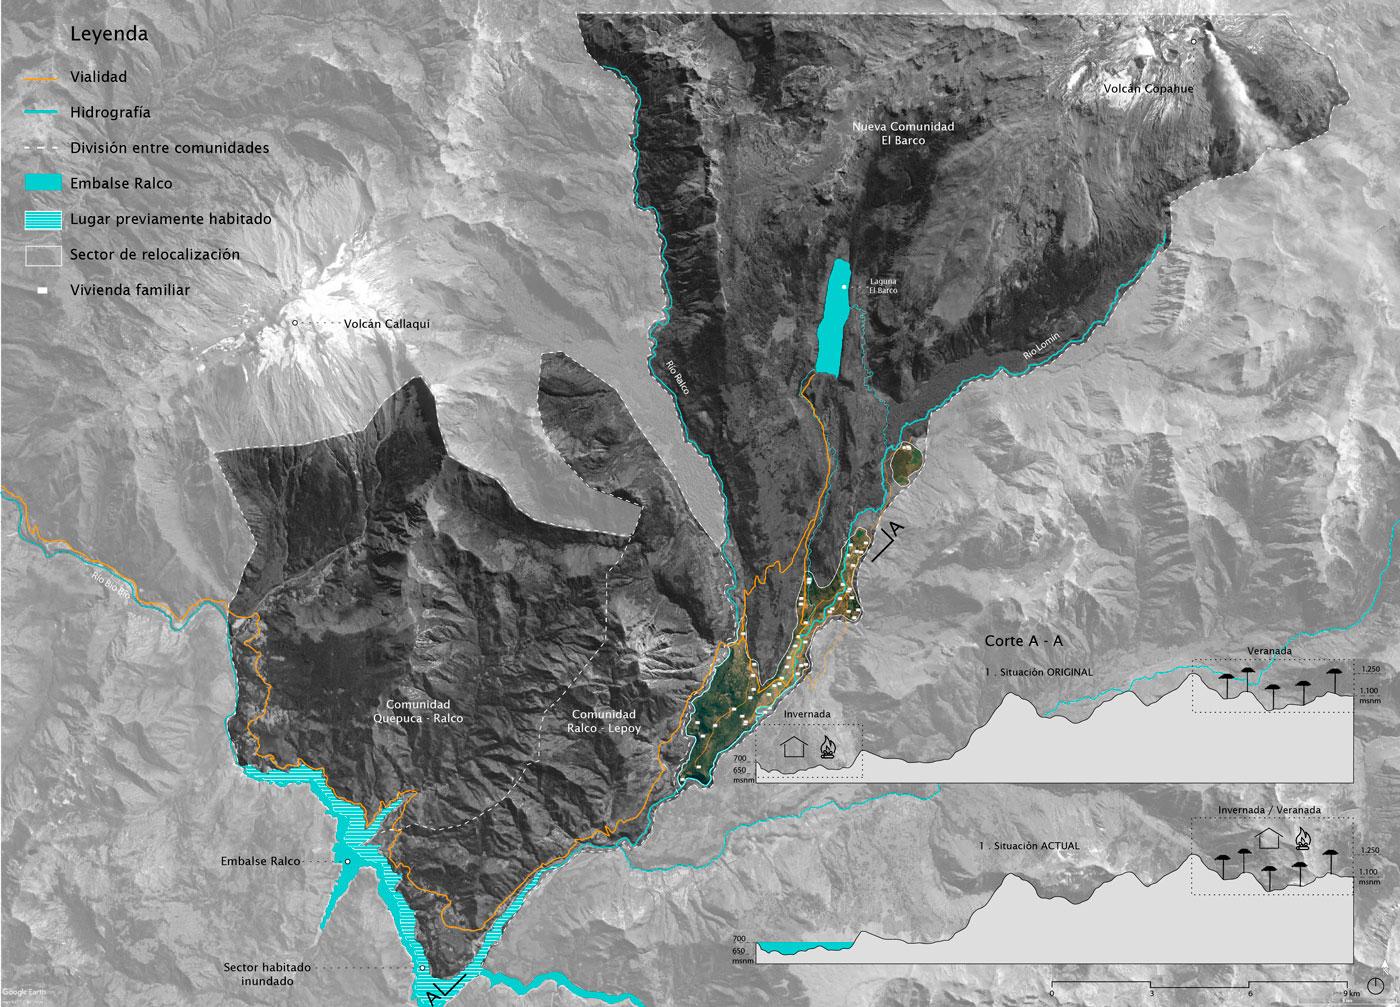 (4) Mapa de relocalización desde el sector de la represa hacia la creación de la nueva comunidad en la frontera con argentina © Amira Shalaby